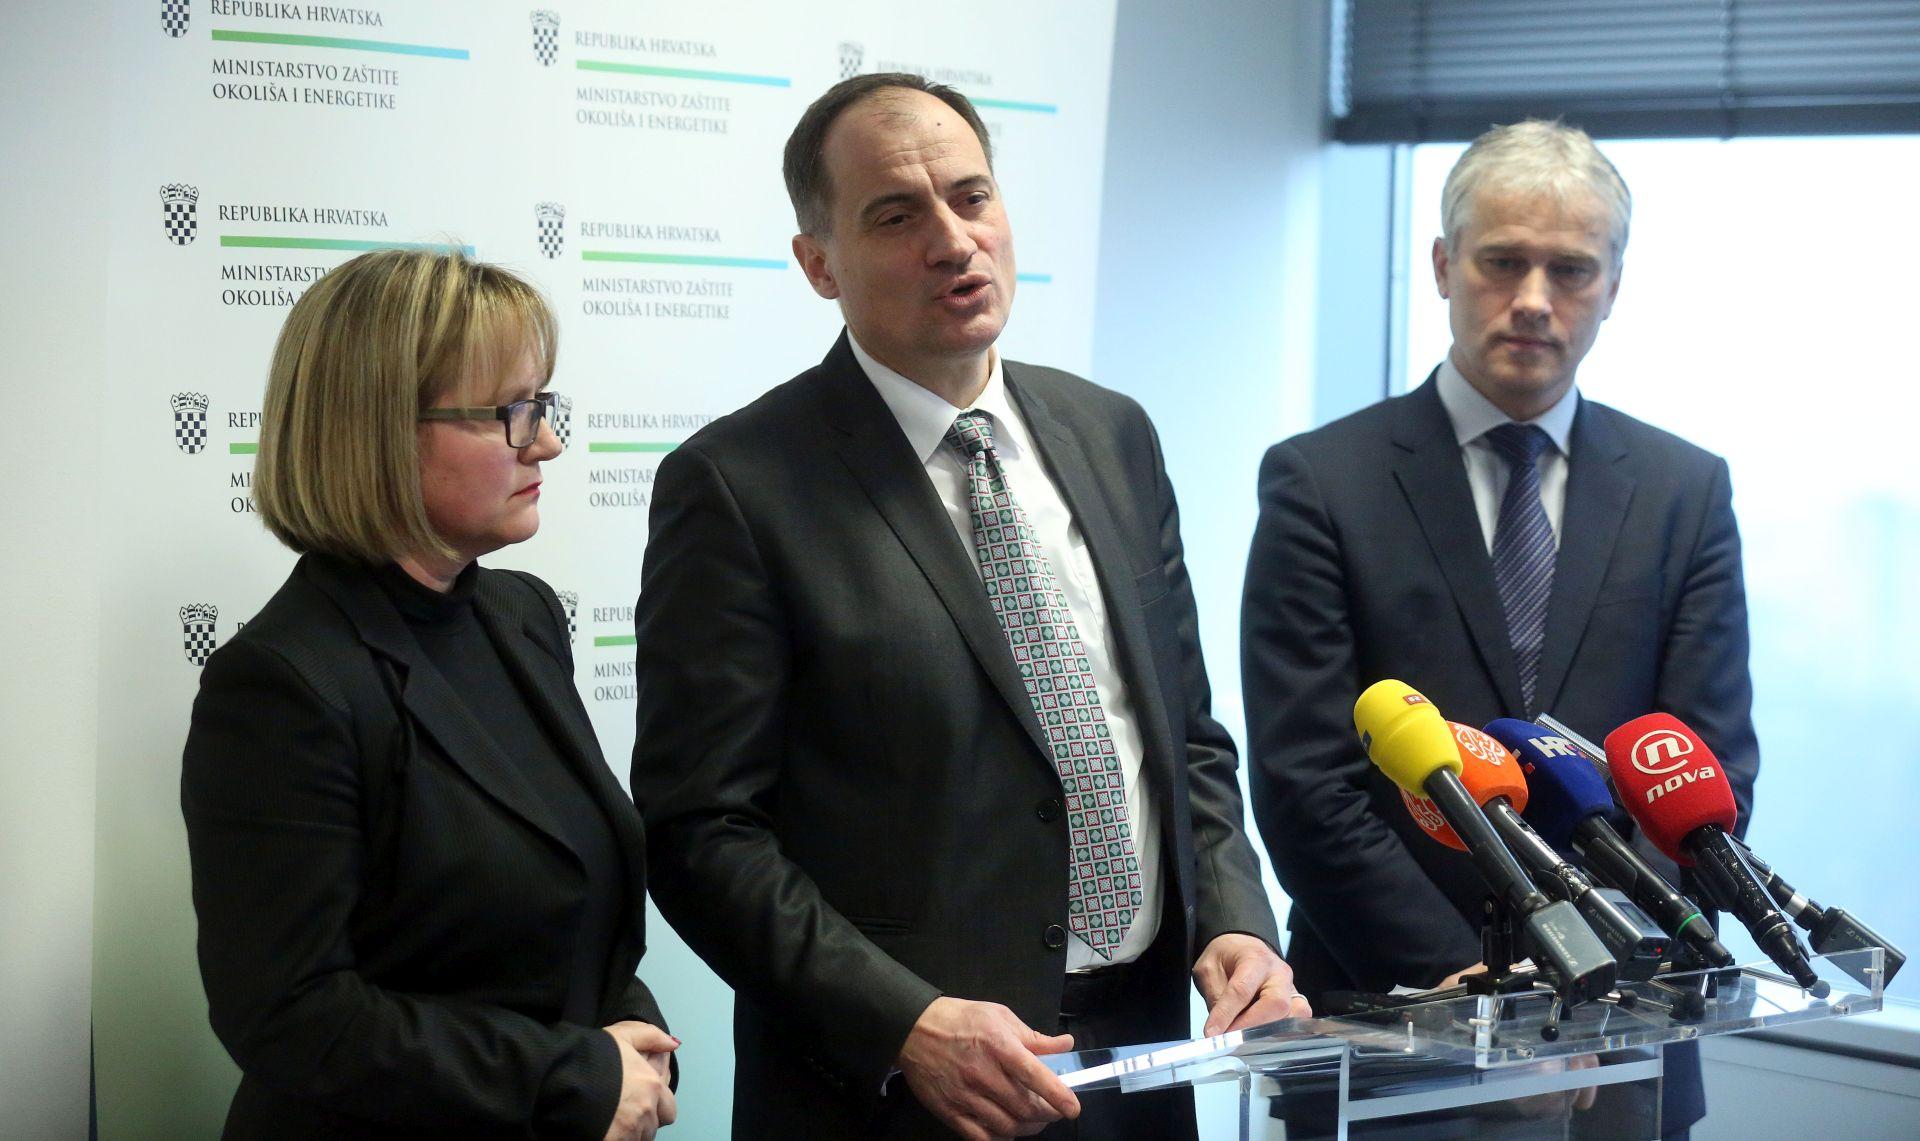 DOBROVIĆ: Vodi se medijska kampanja protiv mene kao Mostovog ministra